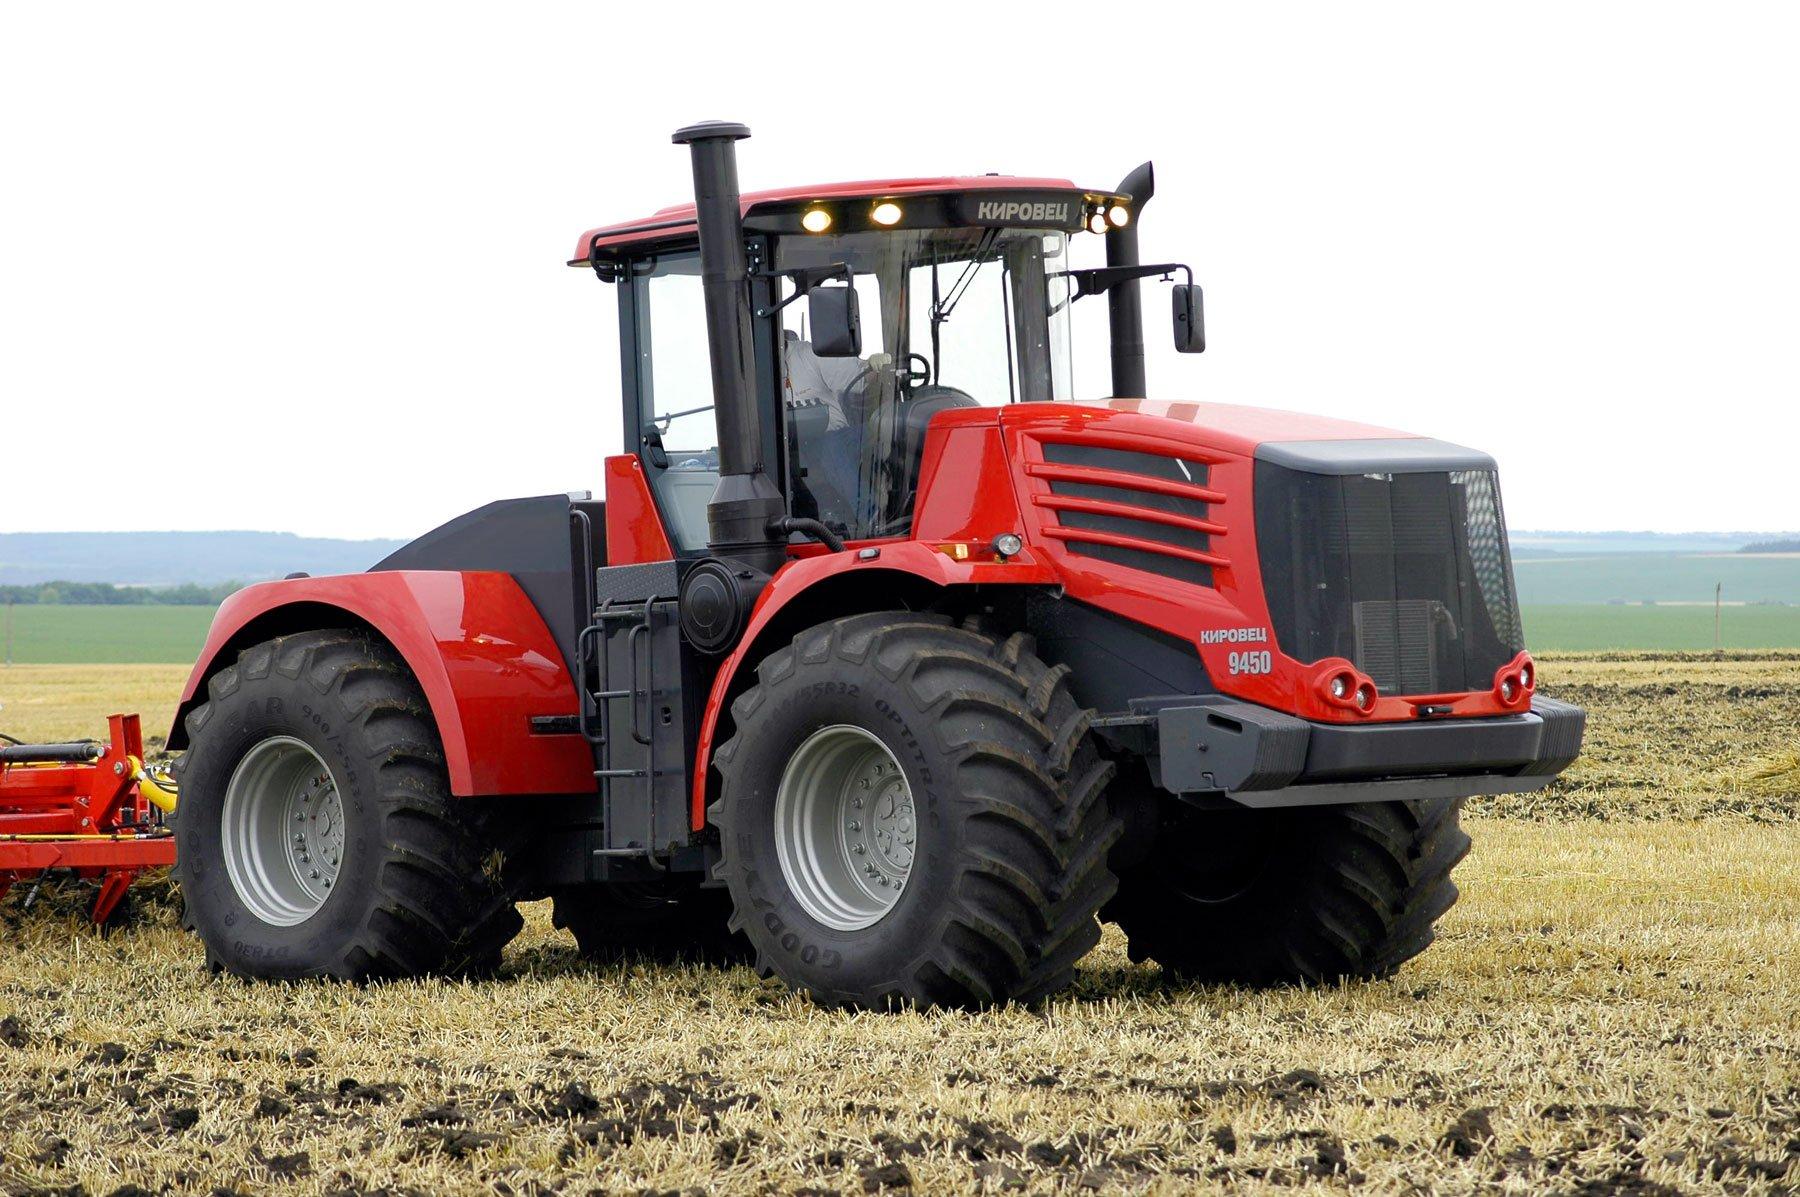 Комплектующие для российских тракторов «Кировец» начнут производить в Казахстане